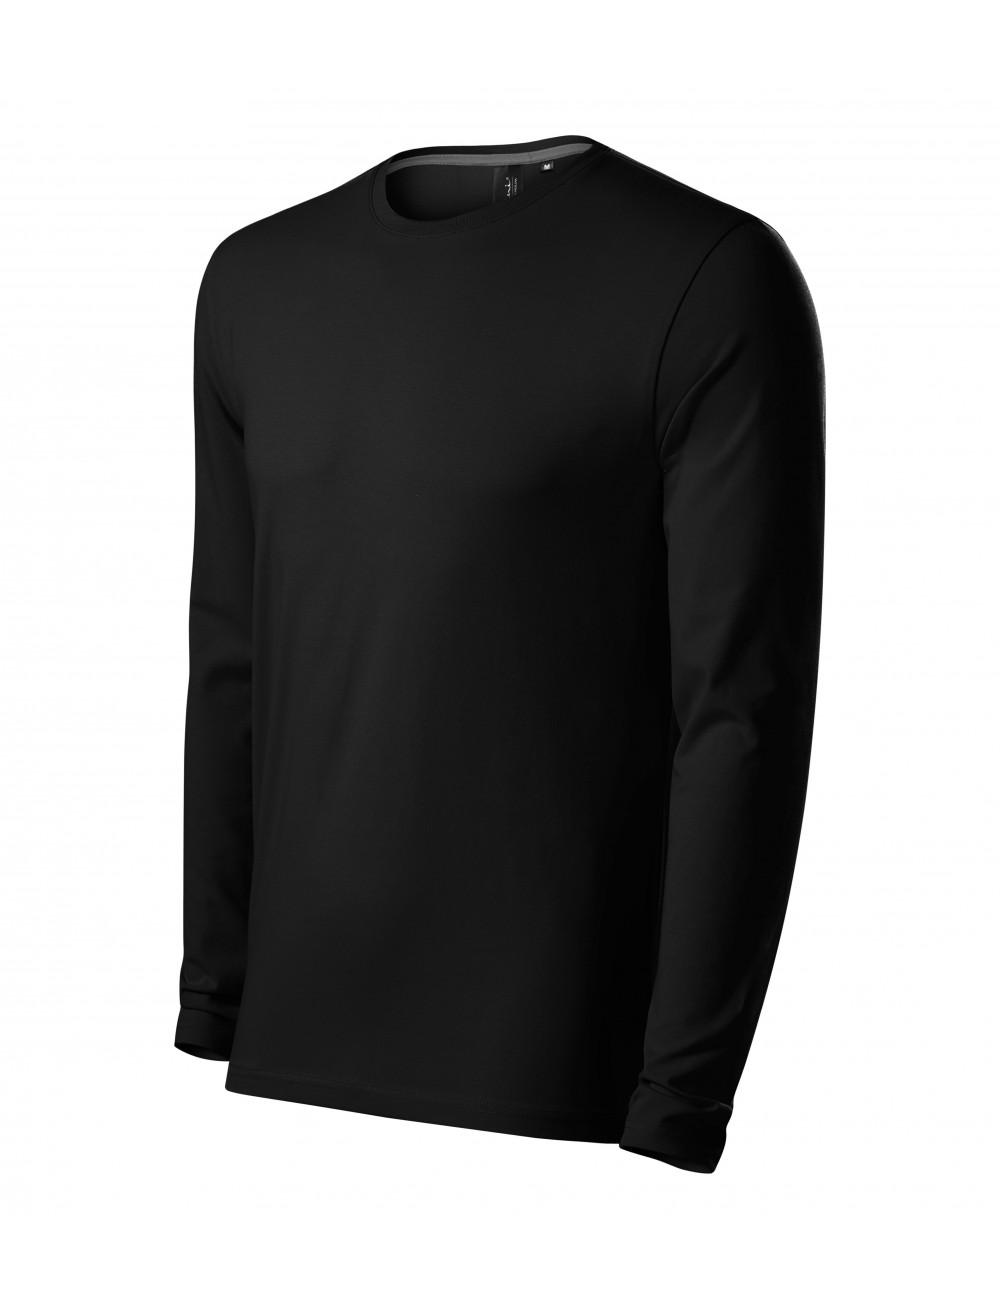 Adler MALFINIPREMIUM Koszulka męska Brave 155 czarny